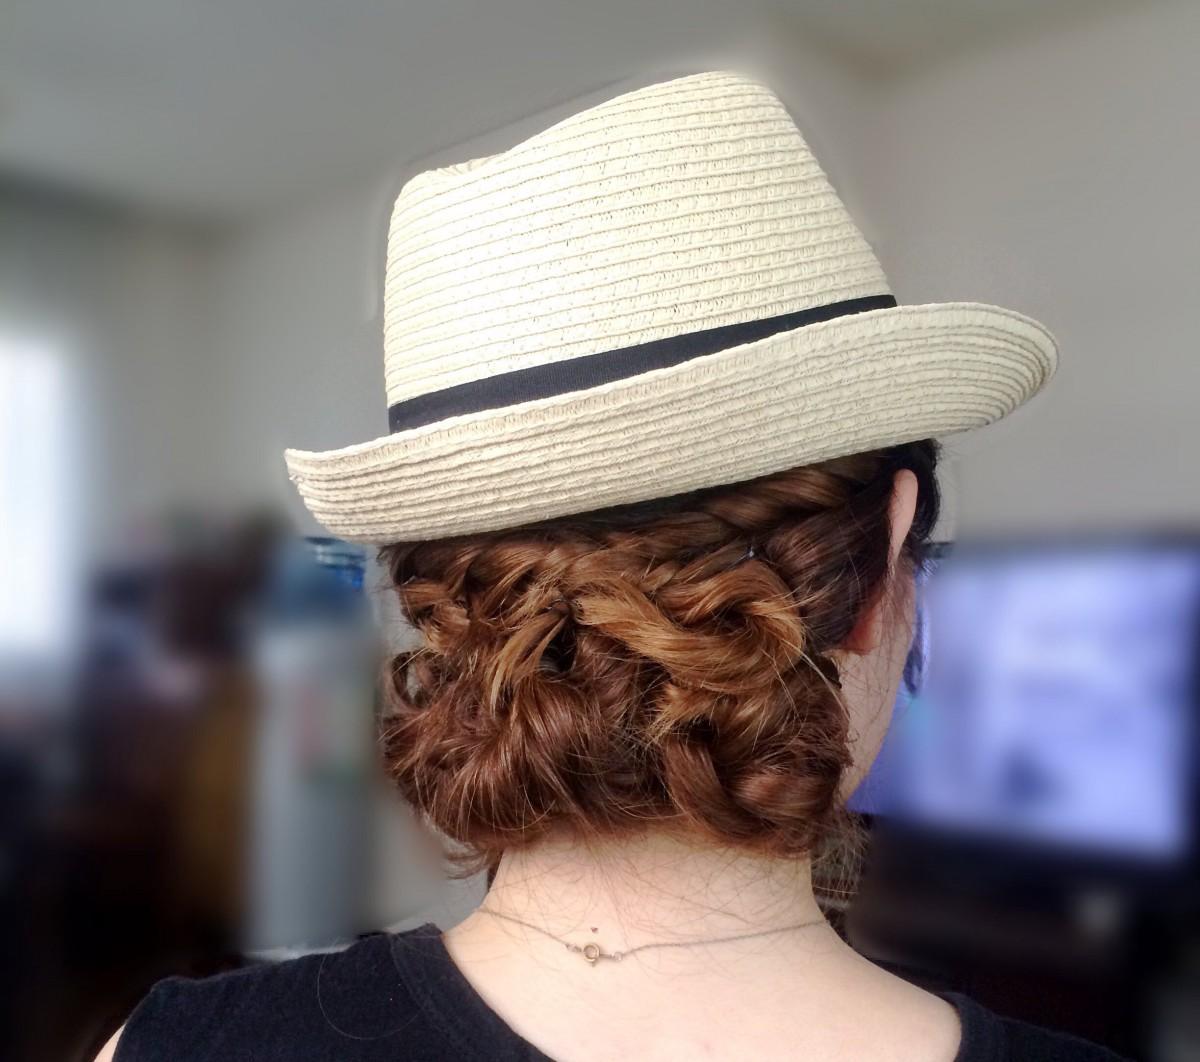 夏のハットスタイルに☆三つ編みとねじねじでサマーヘア!(プロセス写真途中まで有☆笑)